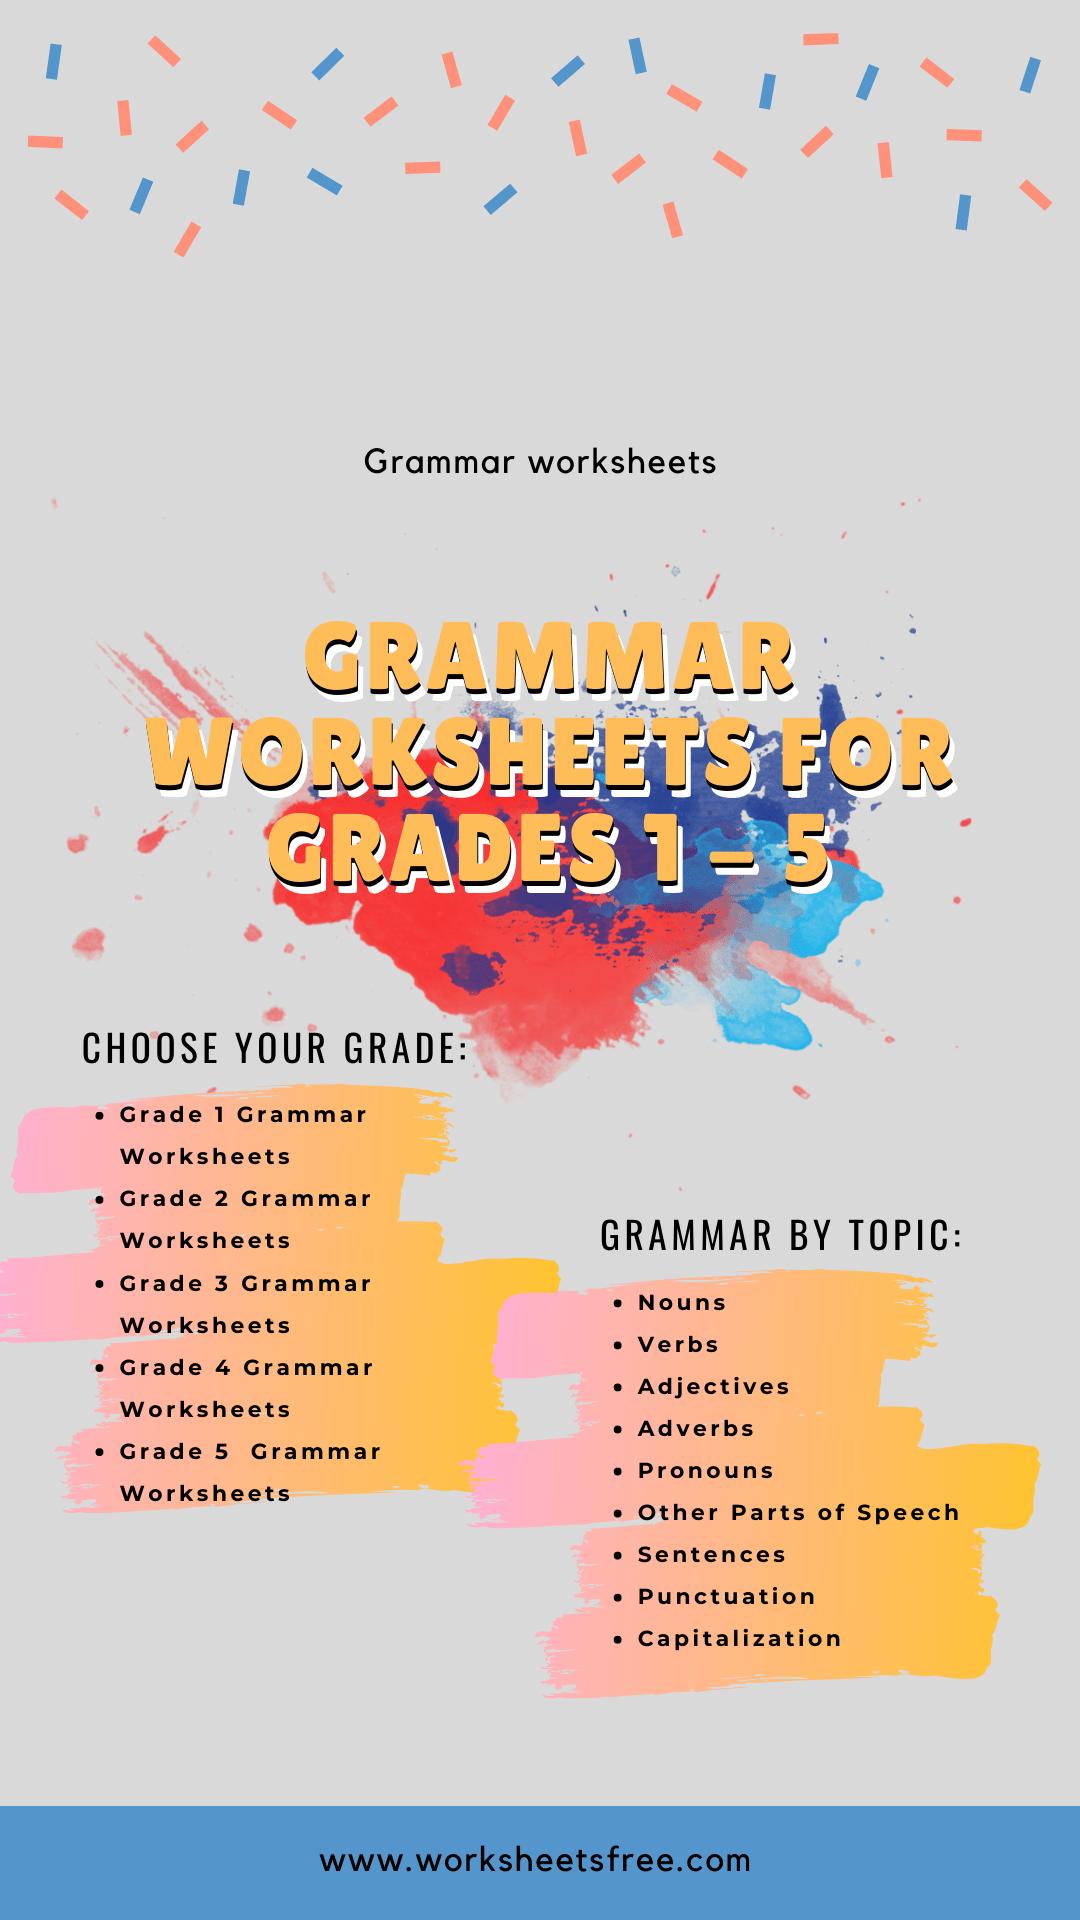 Grammar Worksheets For Grades 1 – 5 : Grammar Worksheets Worksheets Free